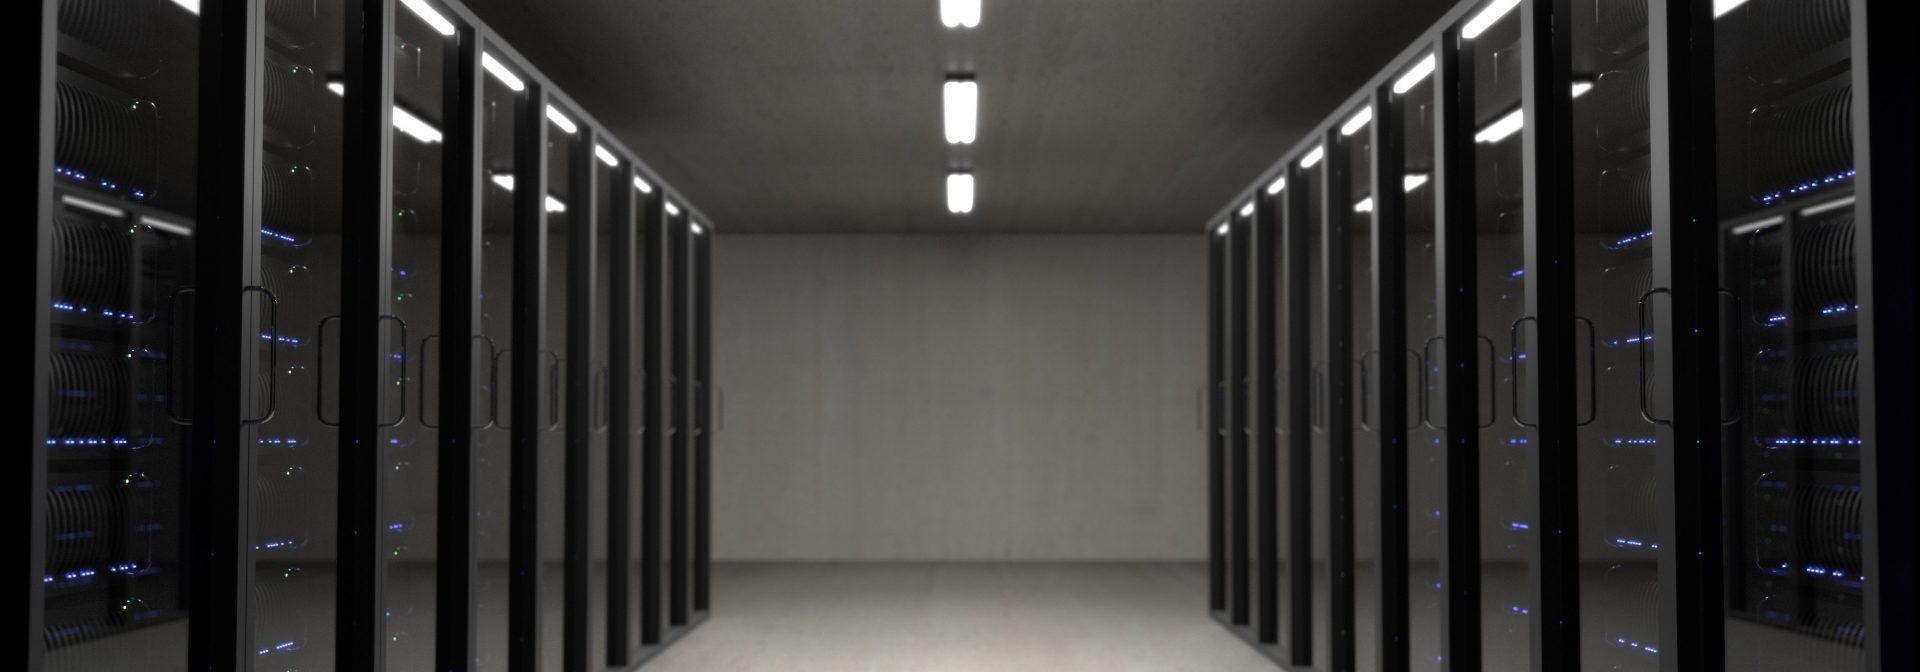 Serwerownia, korytarz, szafy serwerowe po lewej i prawej stronie